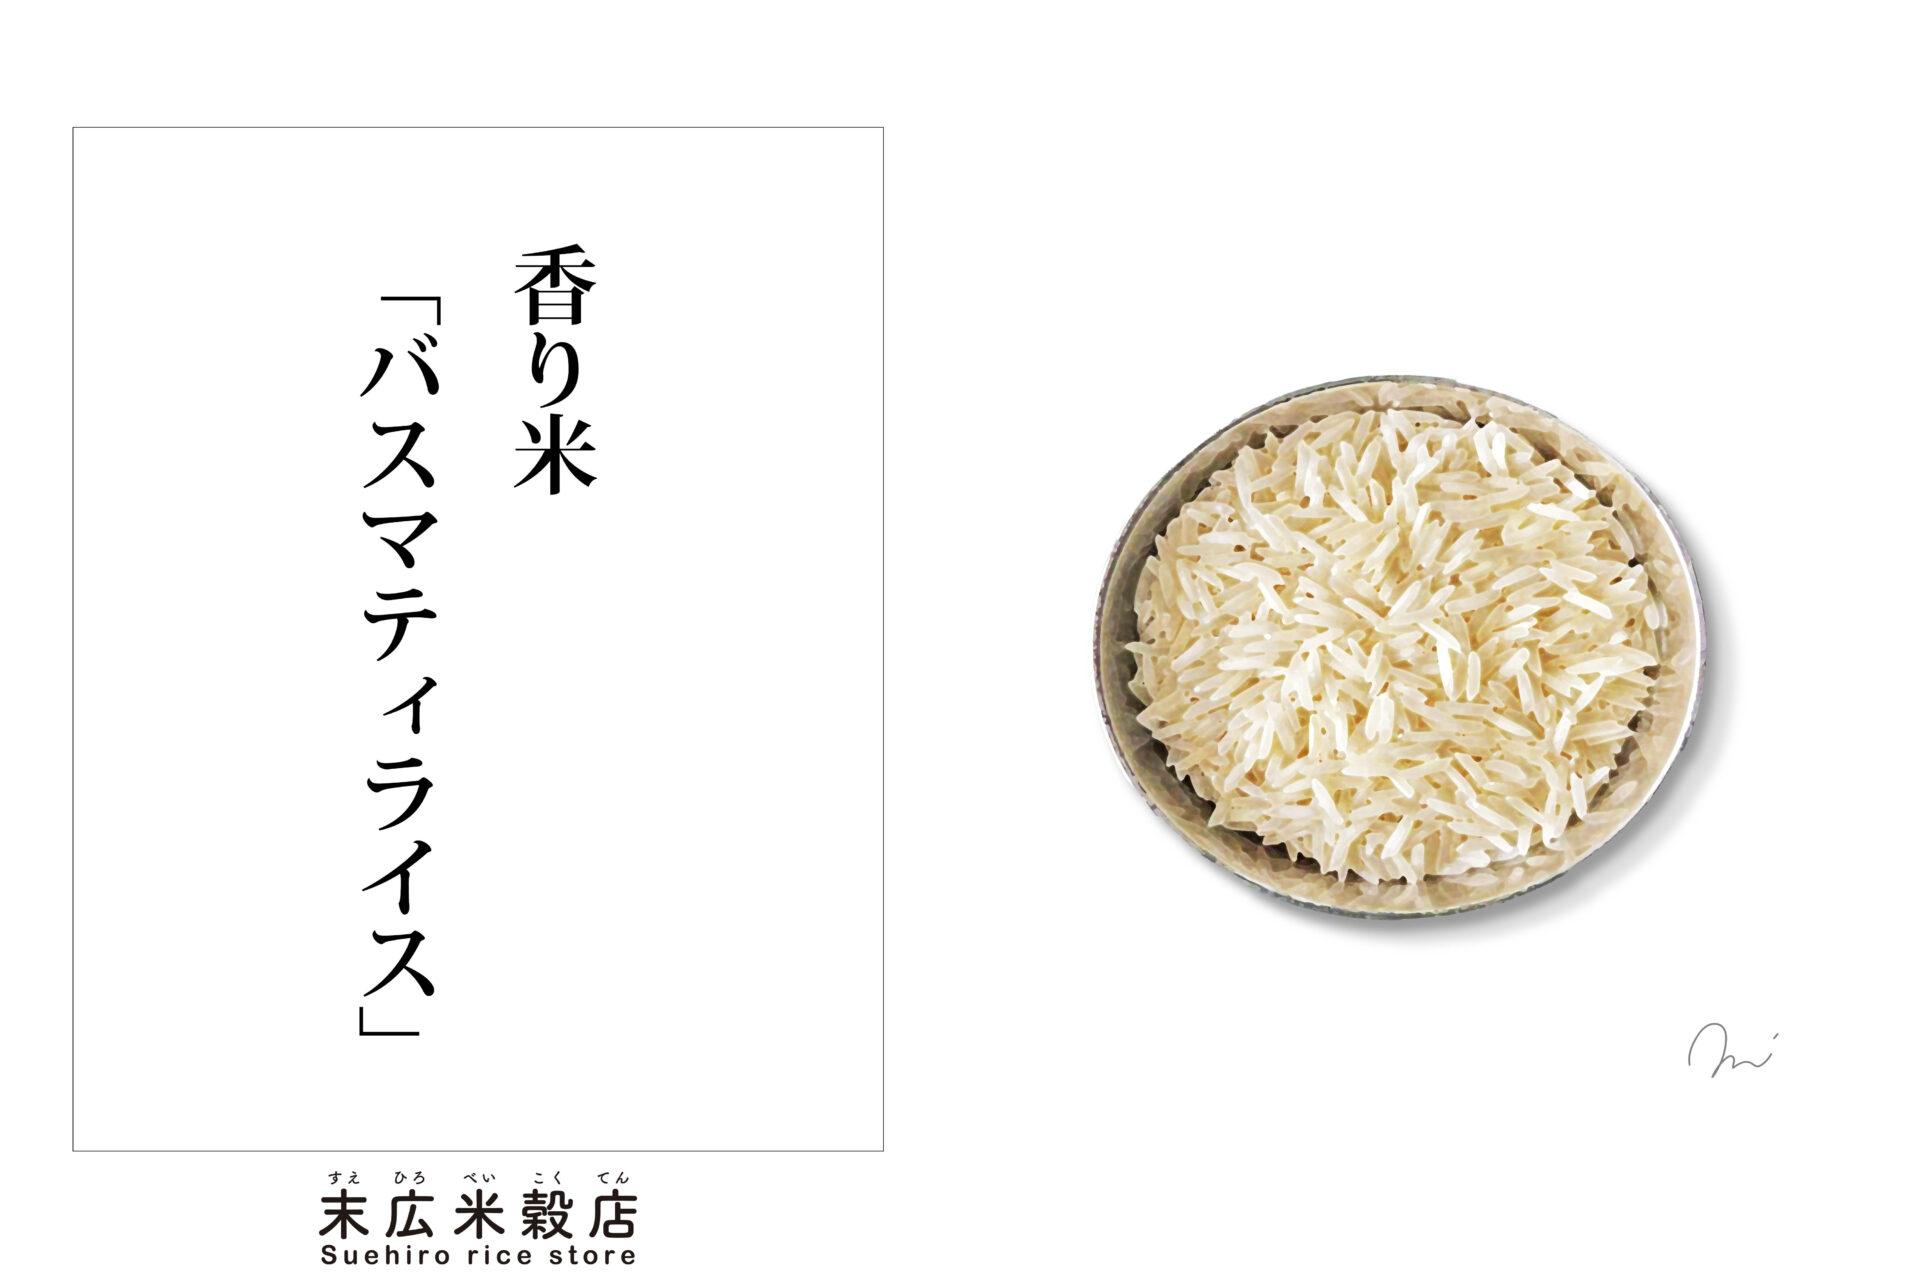 香り米バスマティライスとは